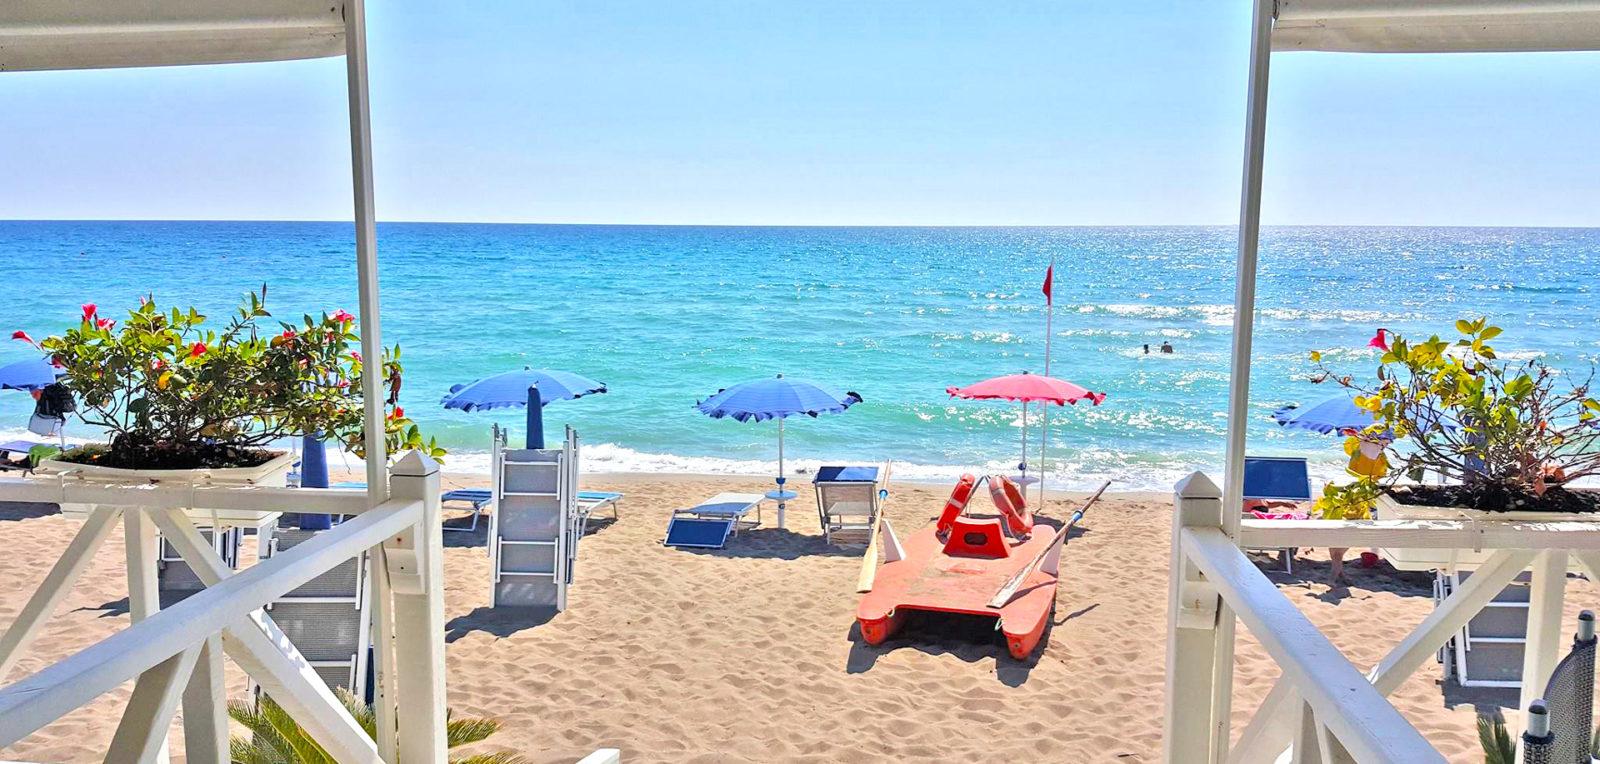 Licinella beach